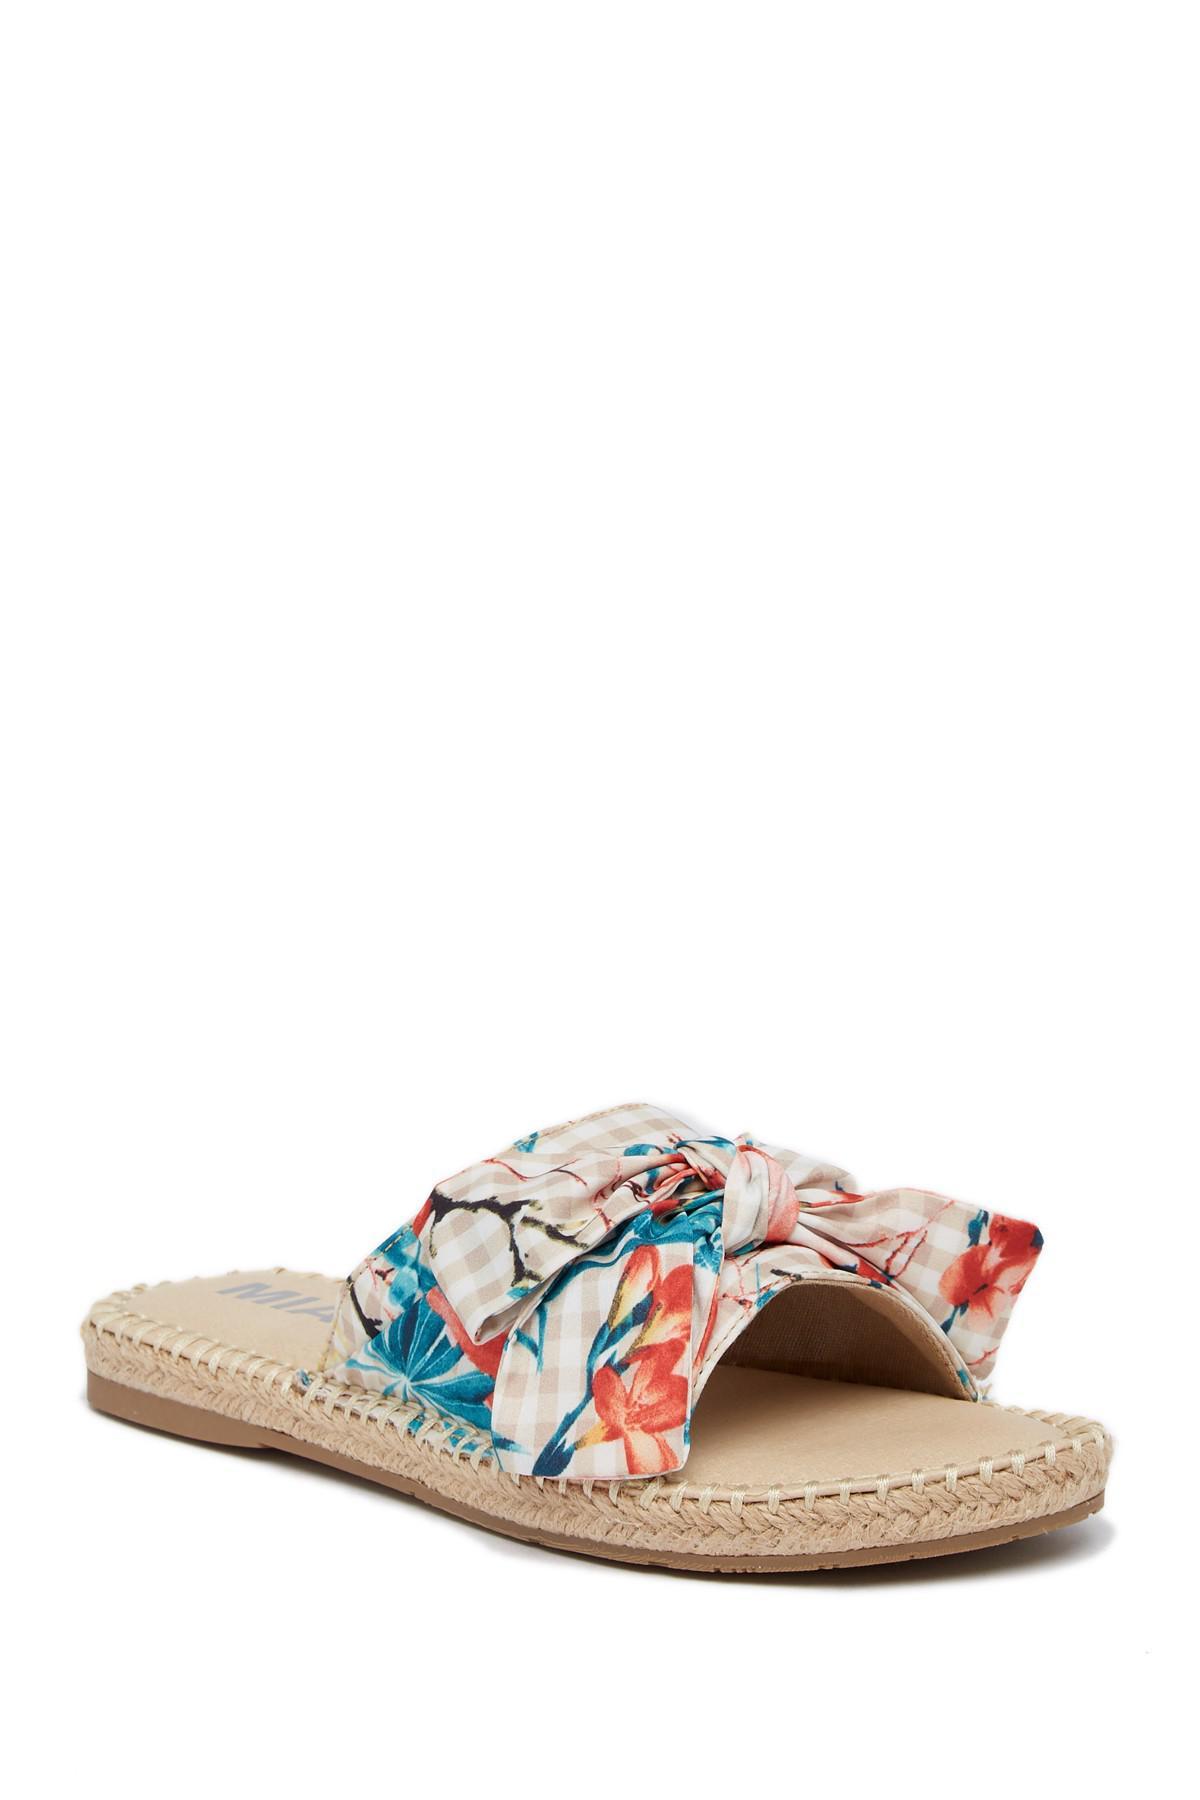 MIA Brenda Printed Slide Sandal TkK0J